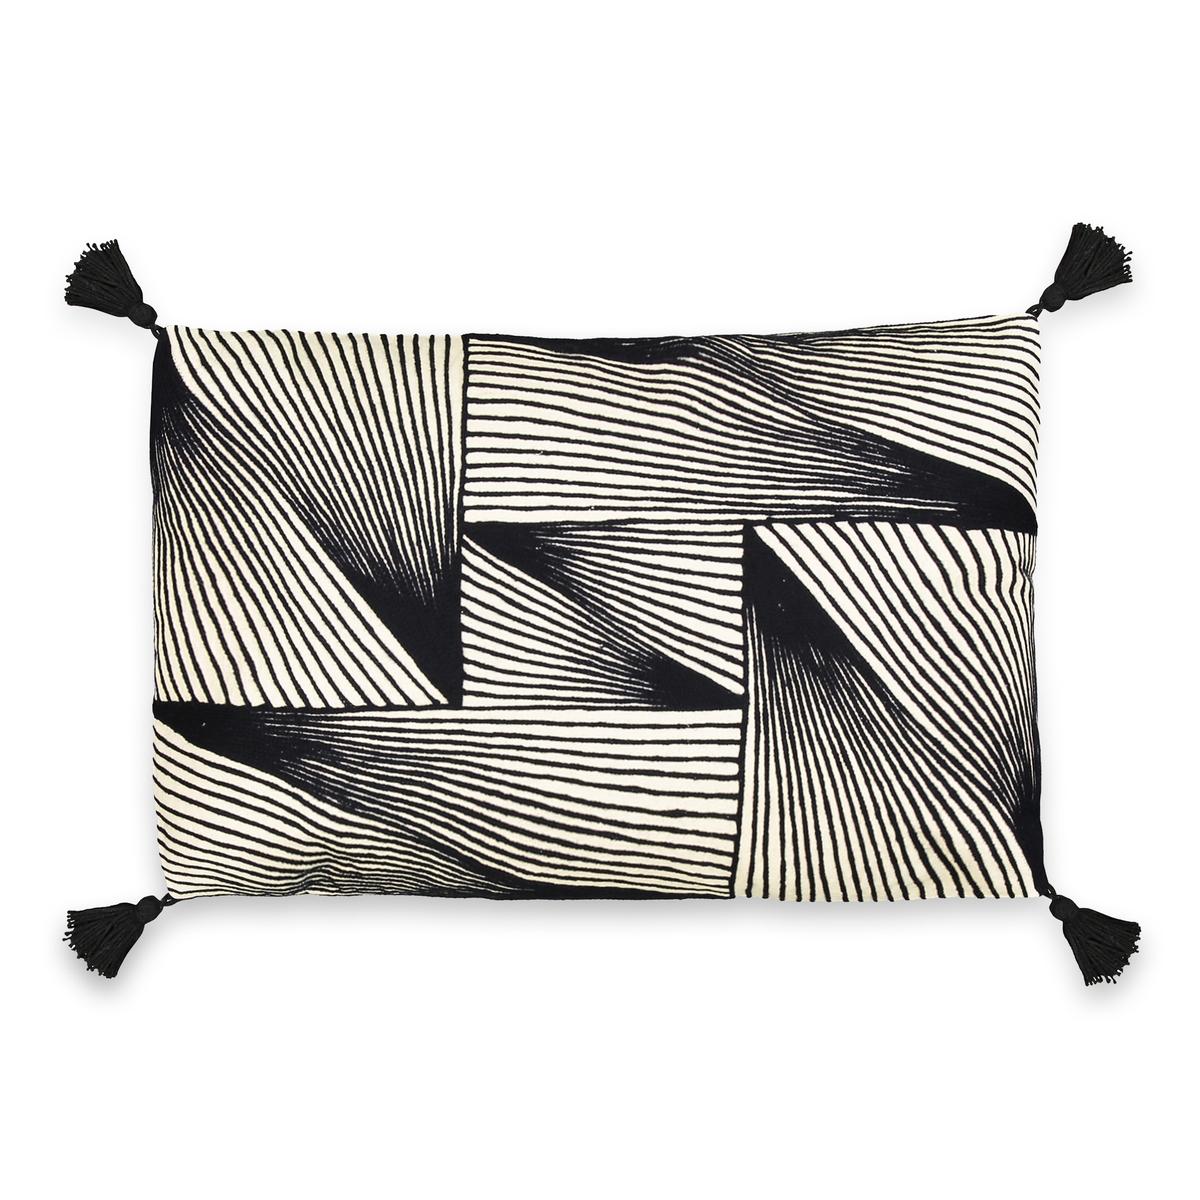 Чехол на подушку-валик, 100% хлопок, Incipit<br><br>Цвет: экрю/черный